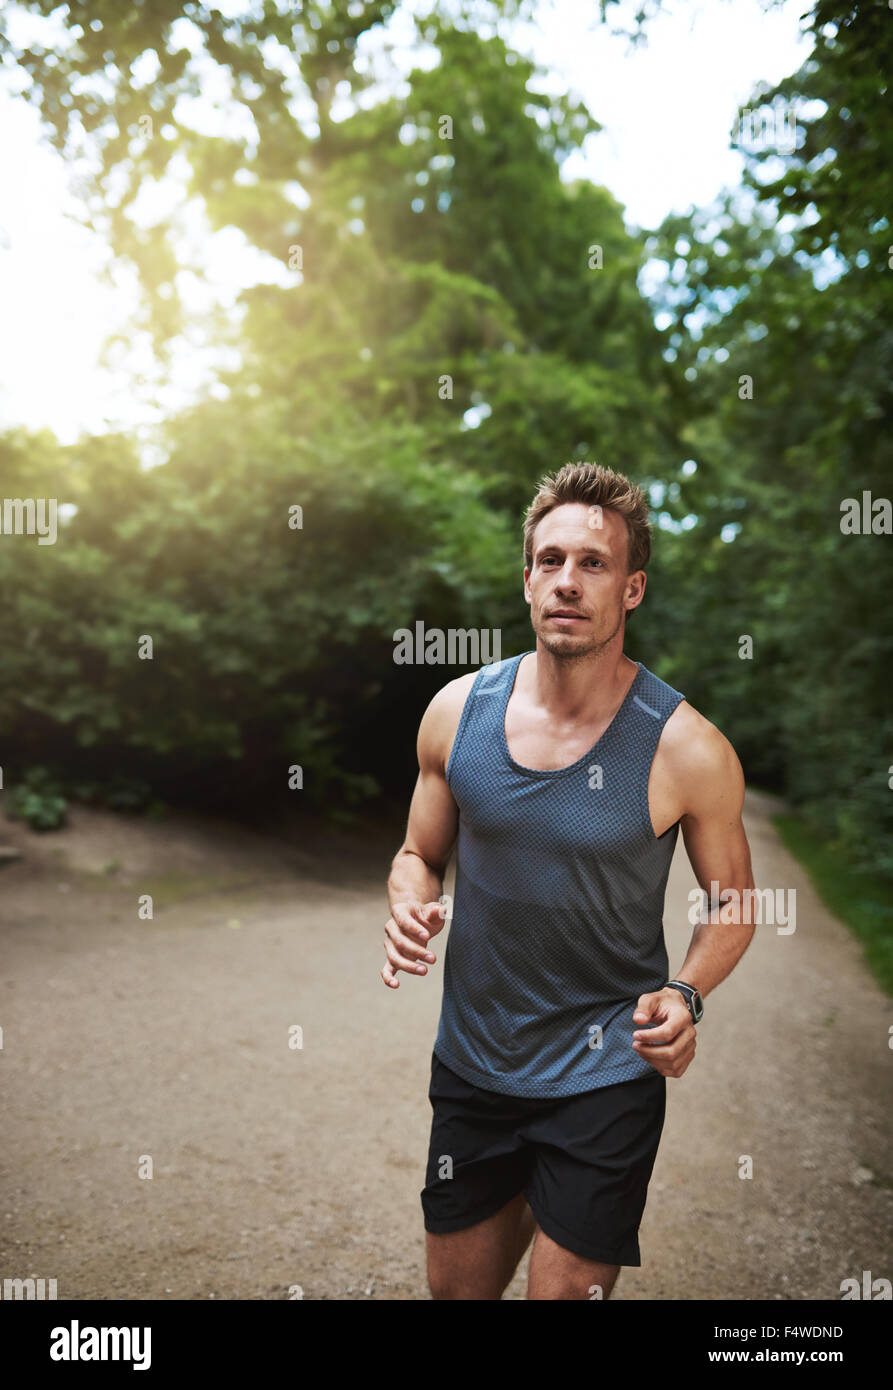 Sportlich Fit männliche Jogger läuft durch einen bewaldeten Park in Richtung der Kamera mit einem Blick Stockbild